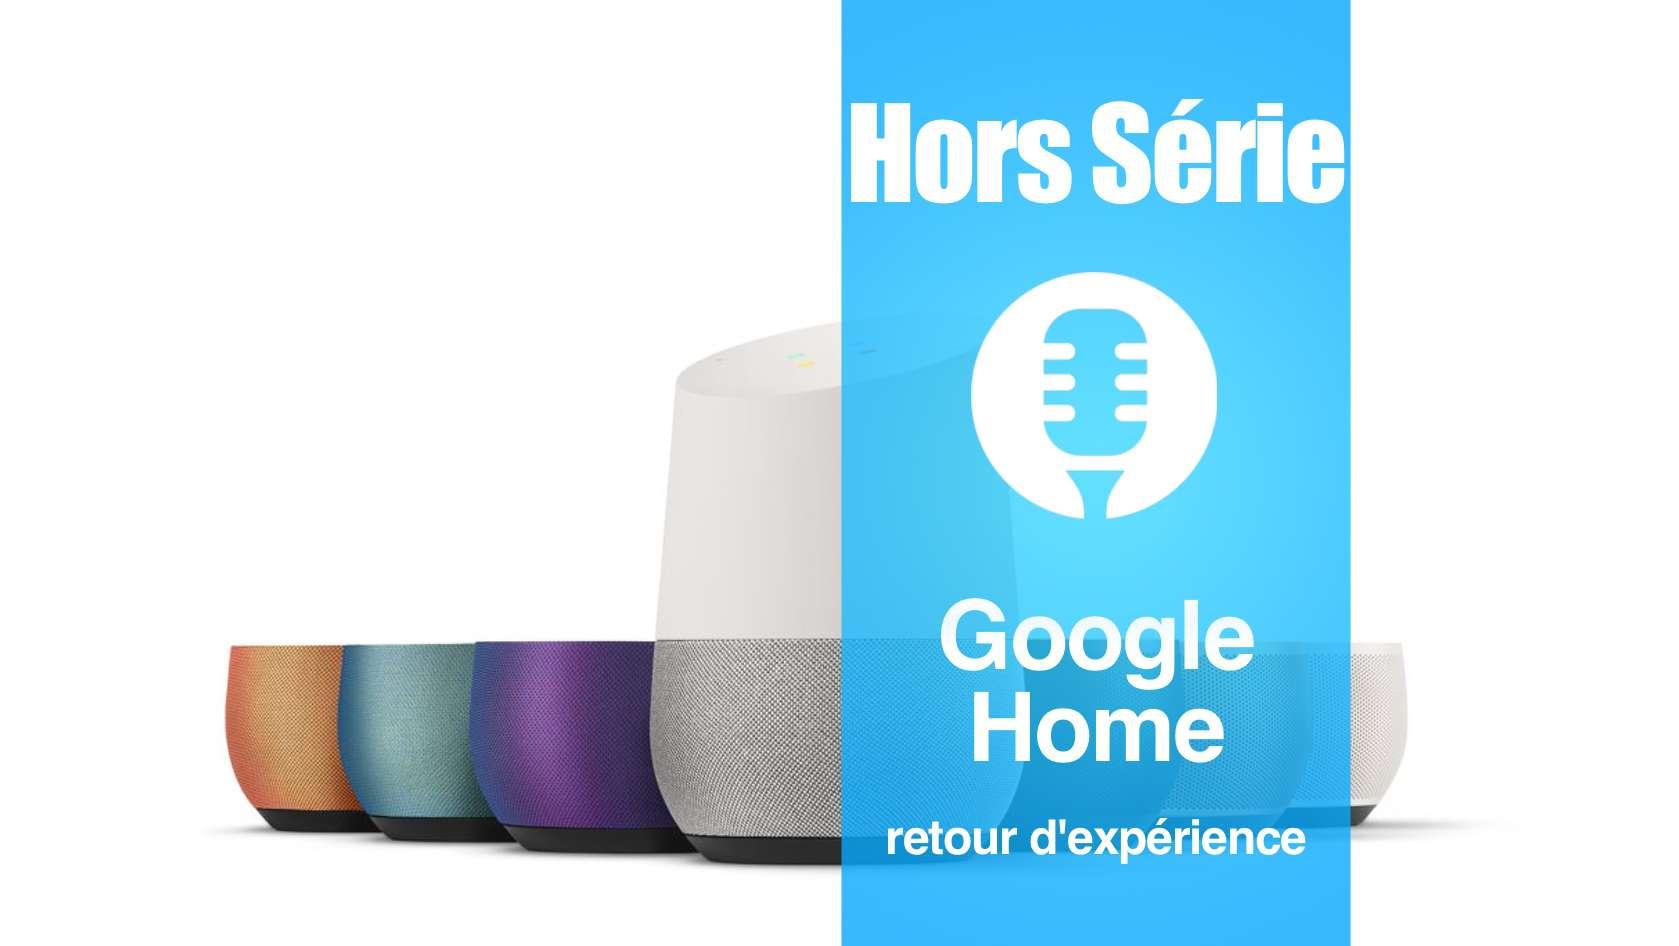 Google Home: retour d'expérience